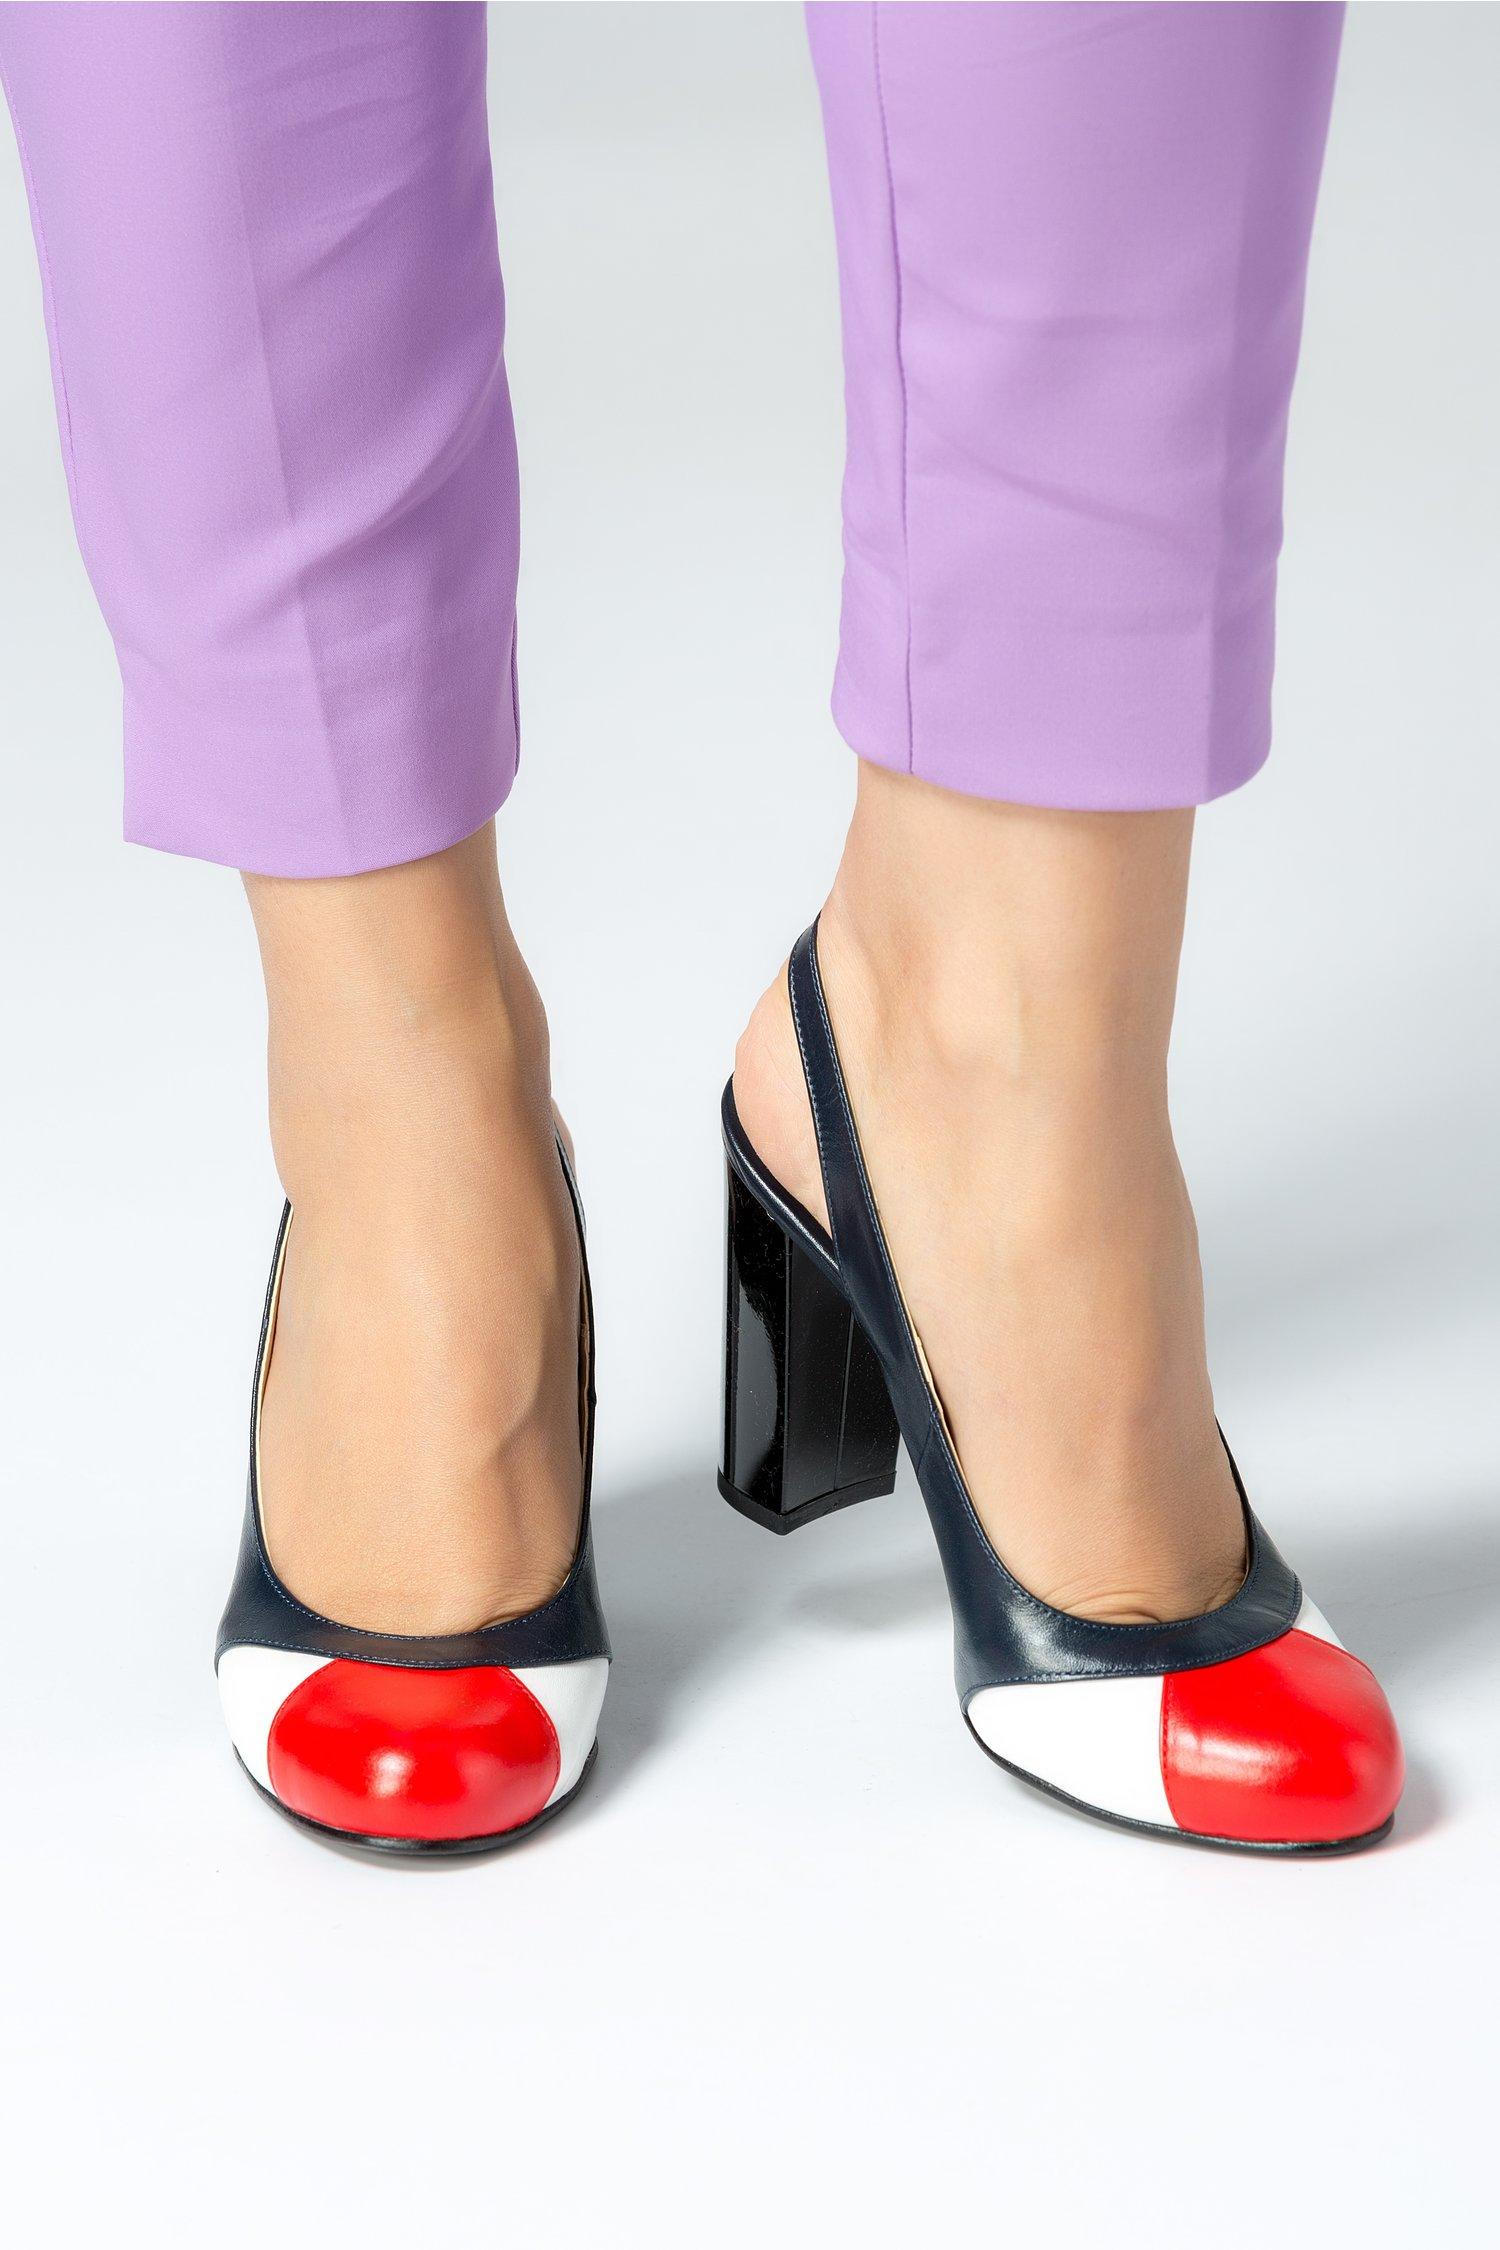 Pantofi dama negrii cu rosu si alb